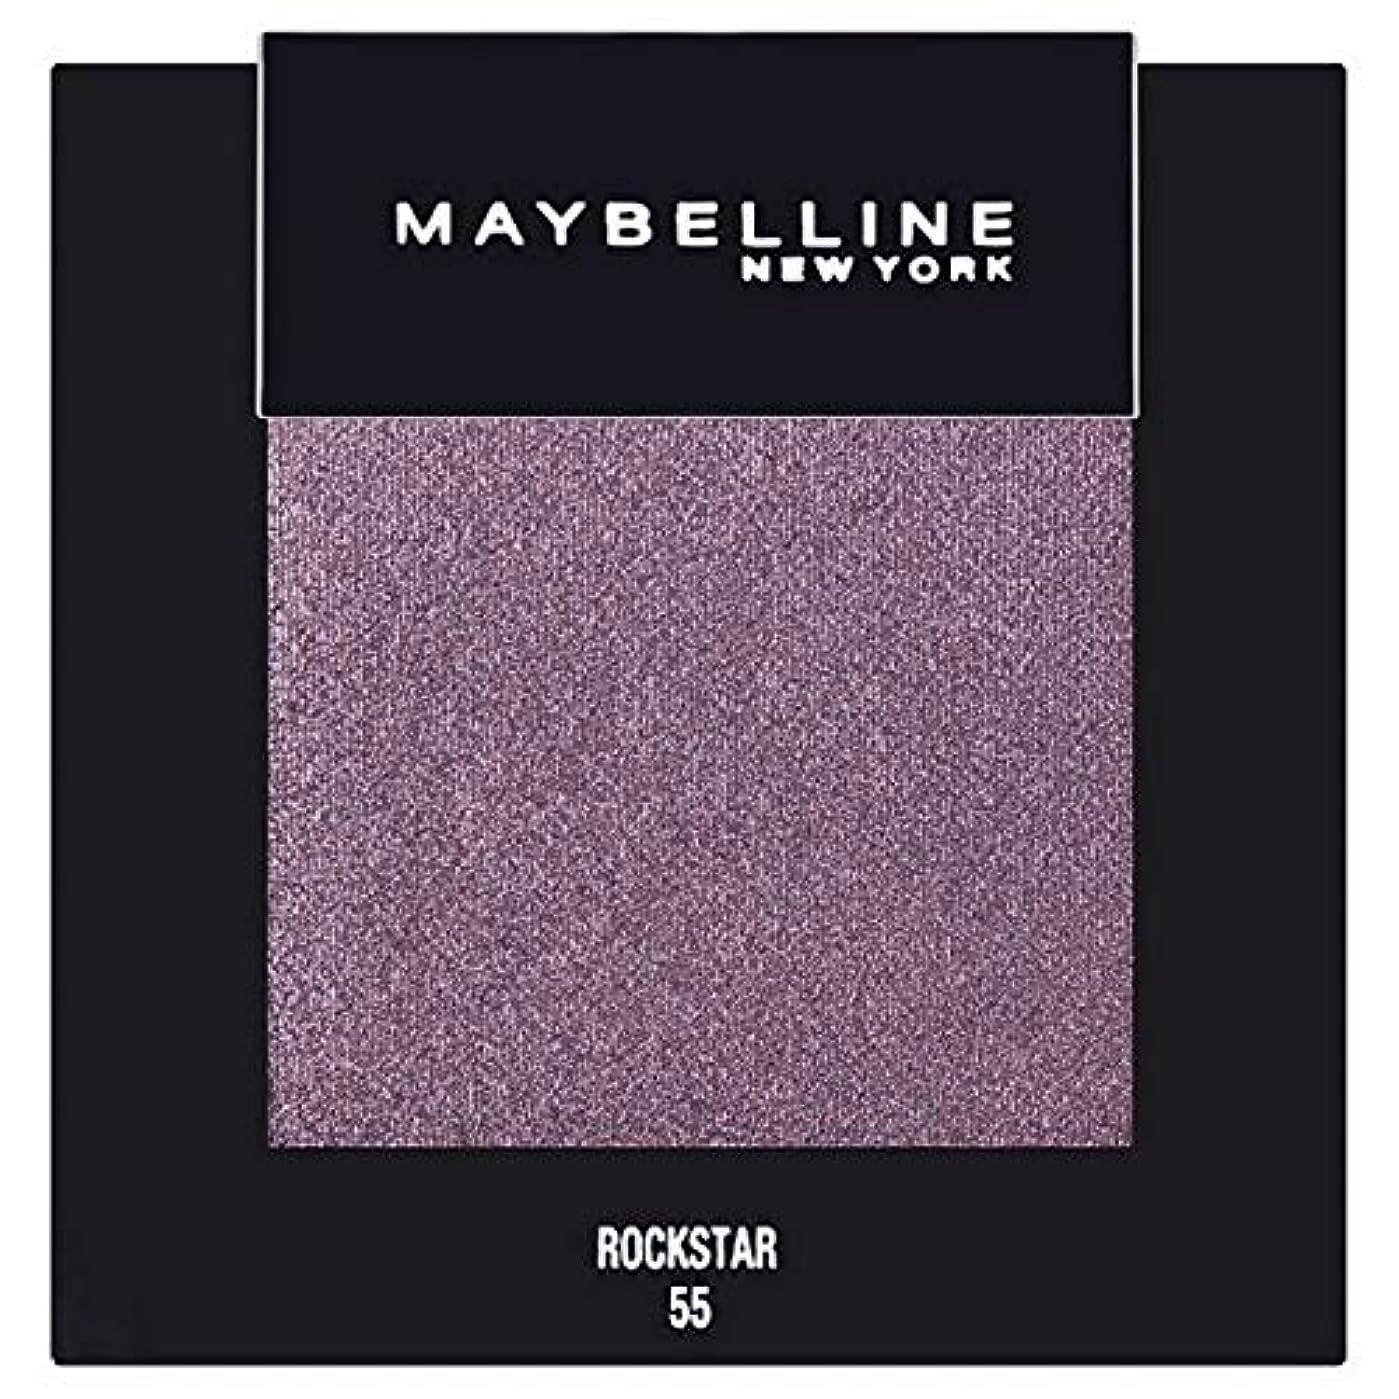 酸化する恒久的半球[Maybelline ] メイベリンカラーショーシングルアイシャドウ55ロックスター - Maybelline Color Show Single Eyeshadow 55 Rockstar [並行輸入品]